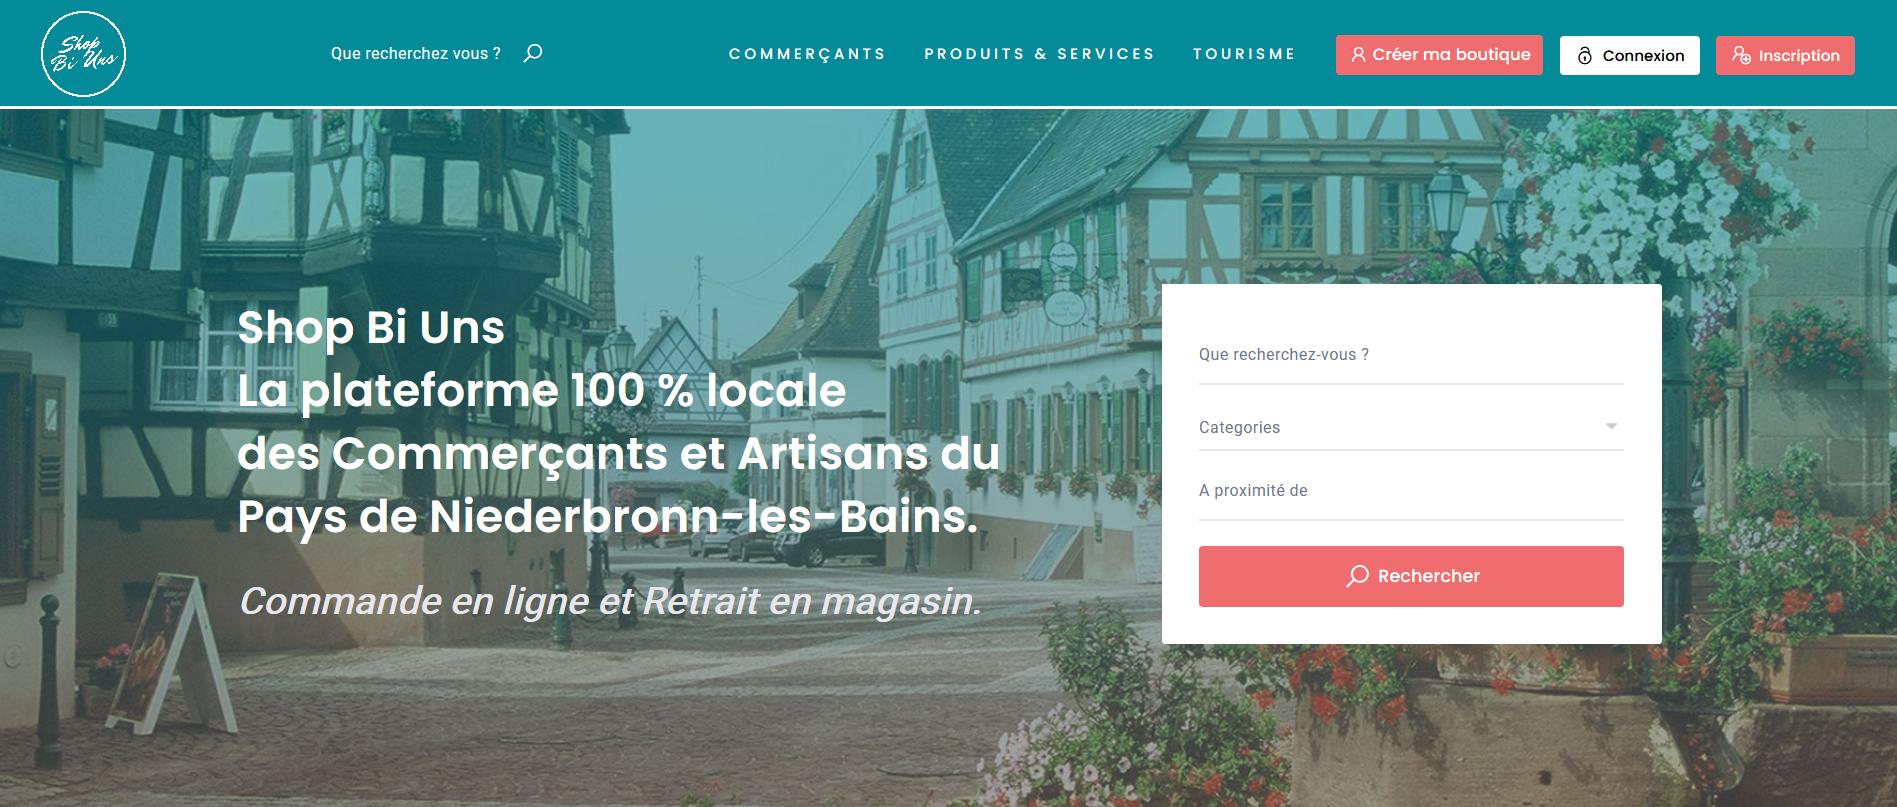 Marketplaces-communauté-de-Niederbronn-les-Bains